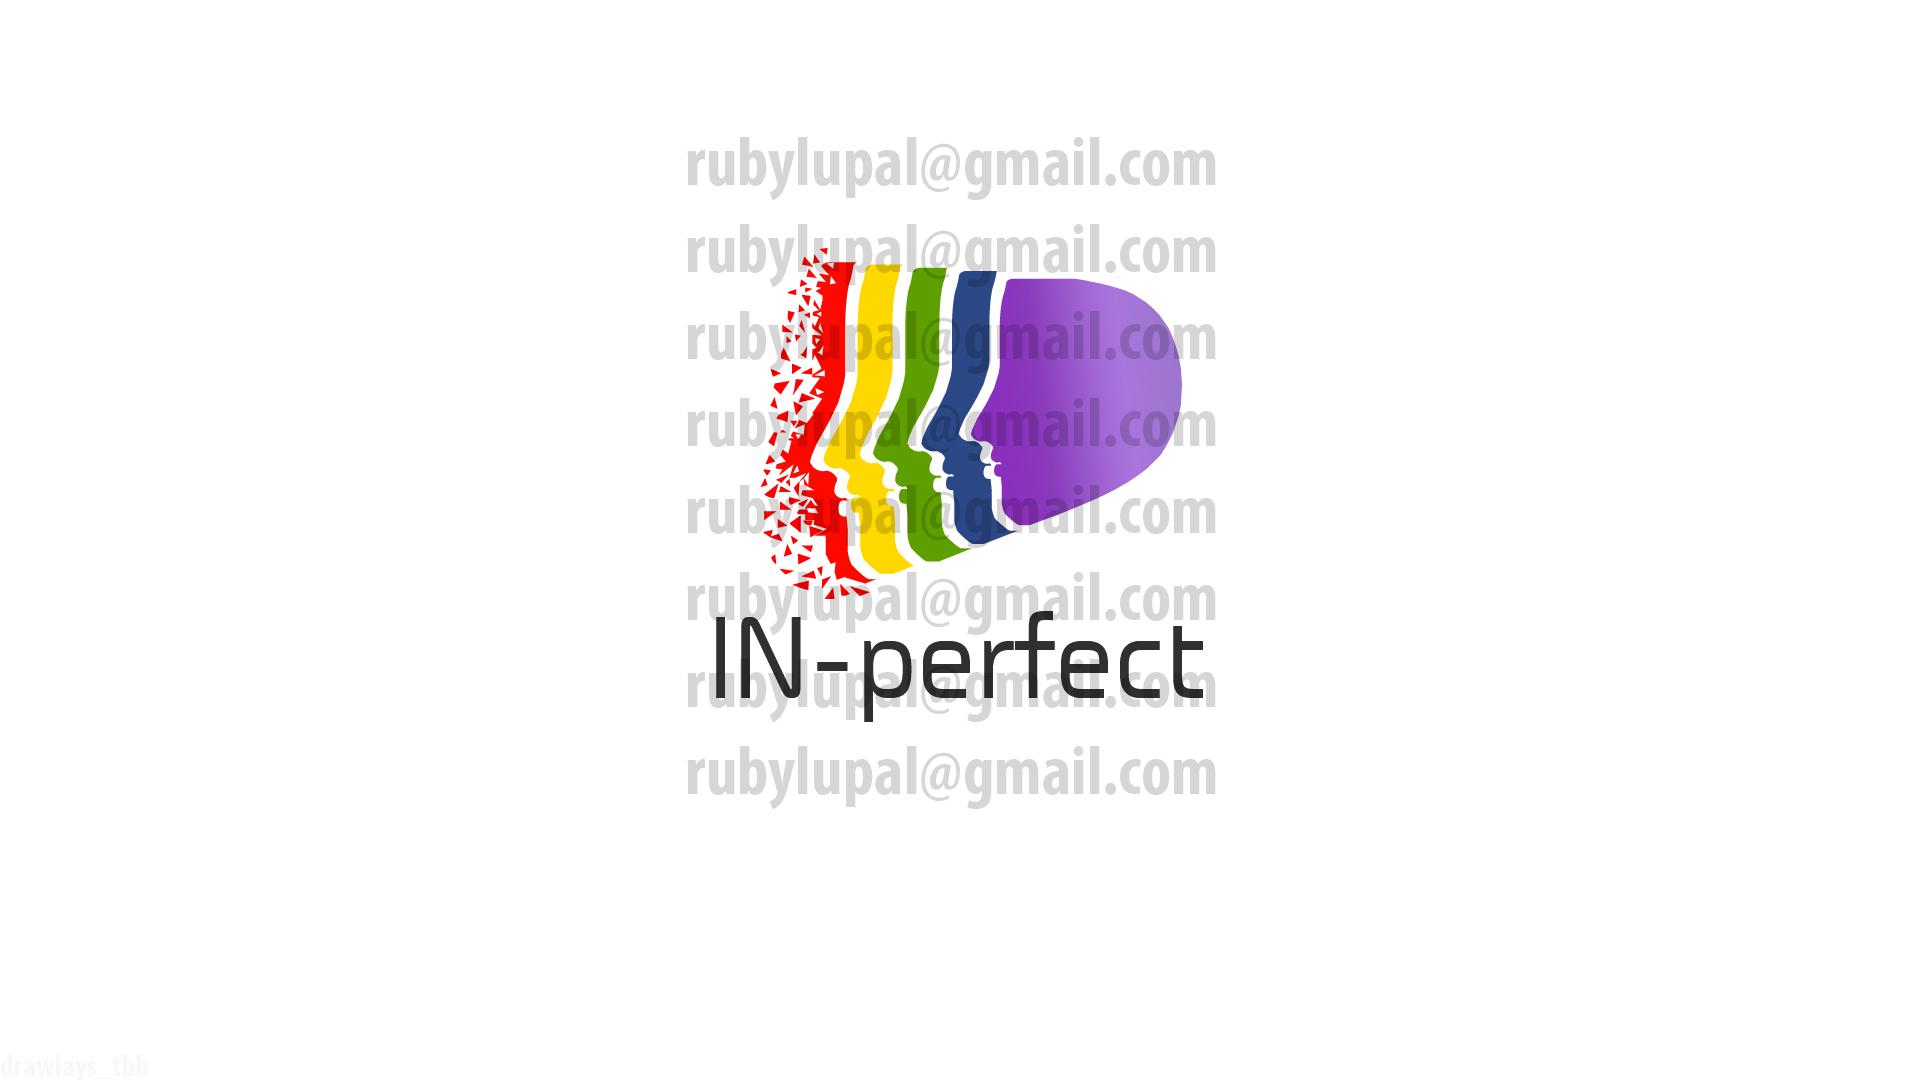 Необходимо доработать логотип In-perfect фото f_0325f1d76cc2943d.jpg